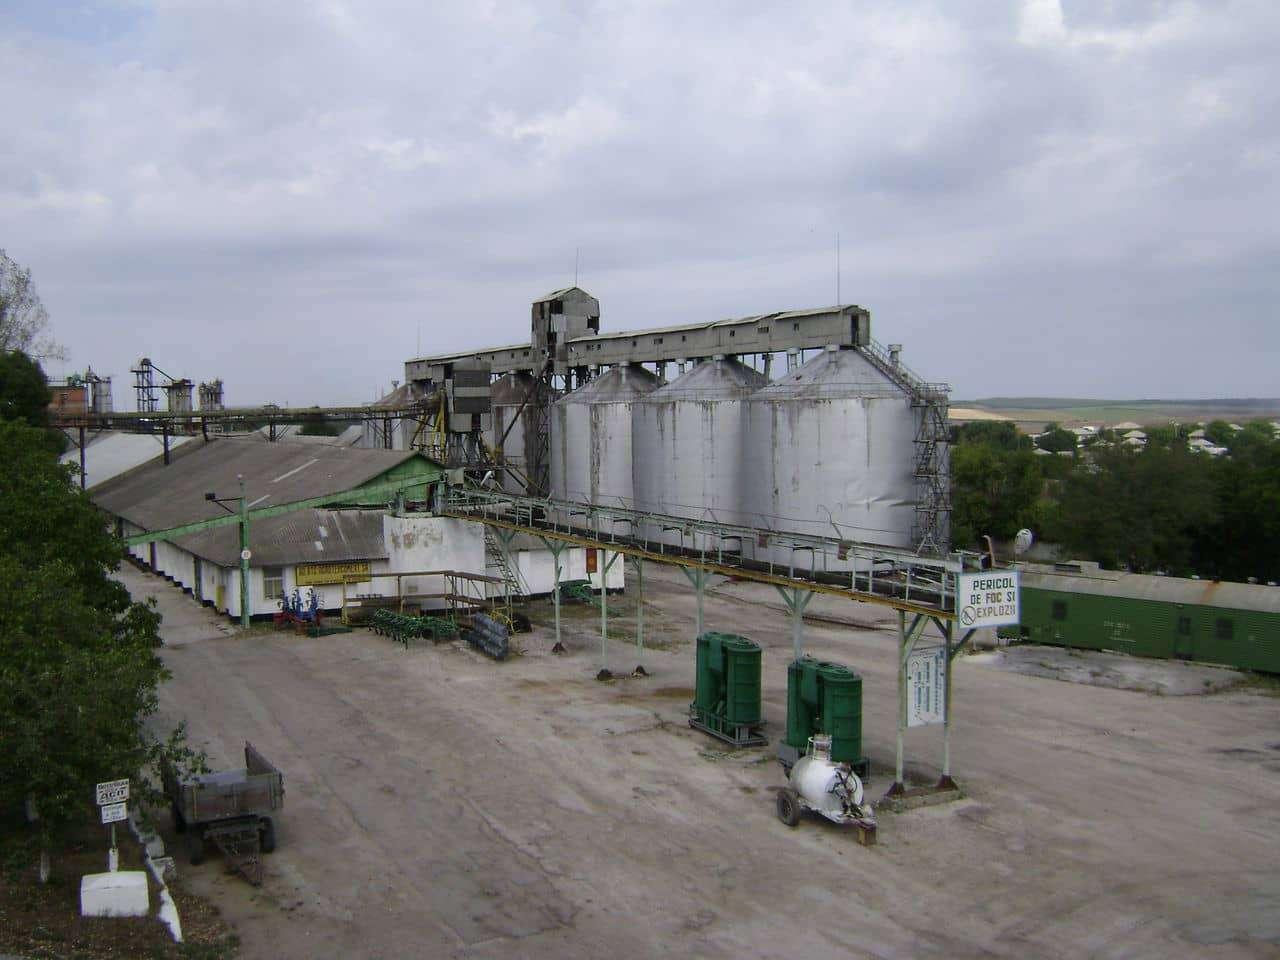 Întreprindere pentru producerea și depozitarea cerealelor